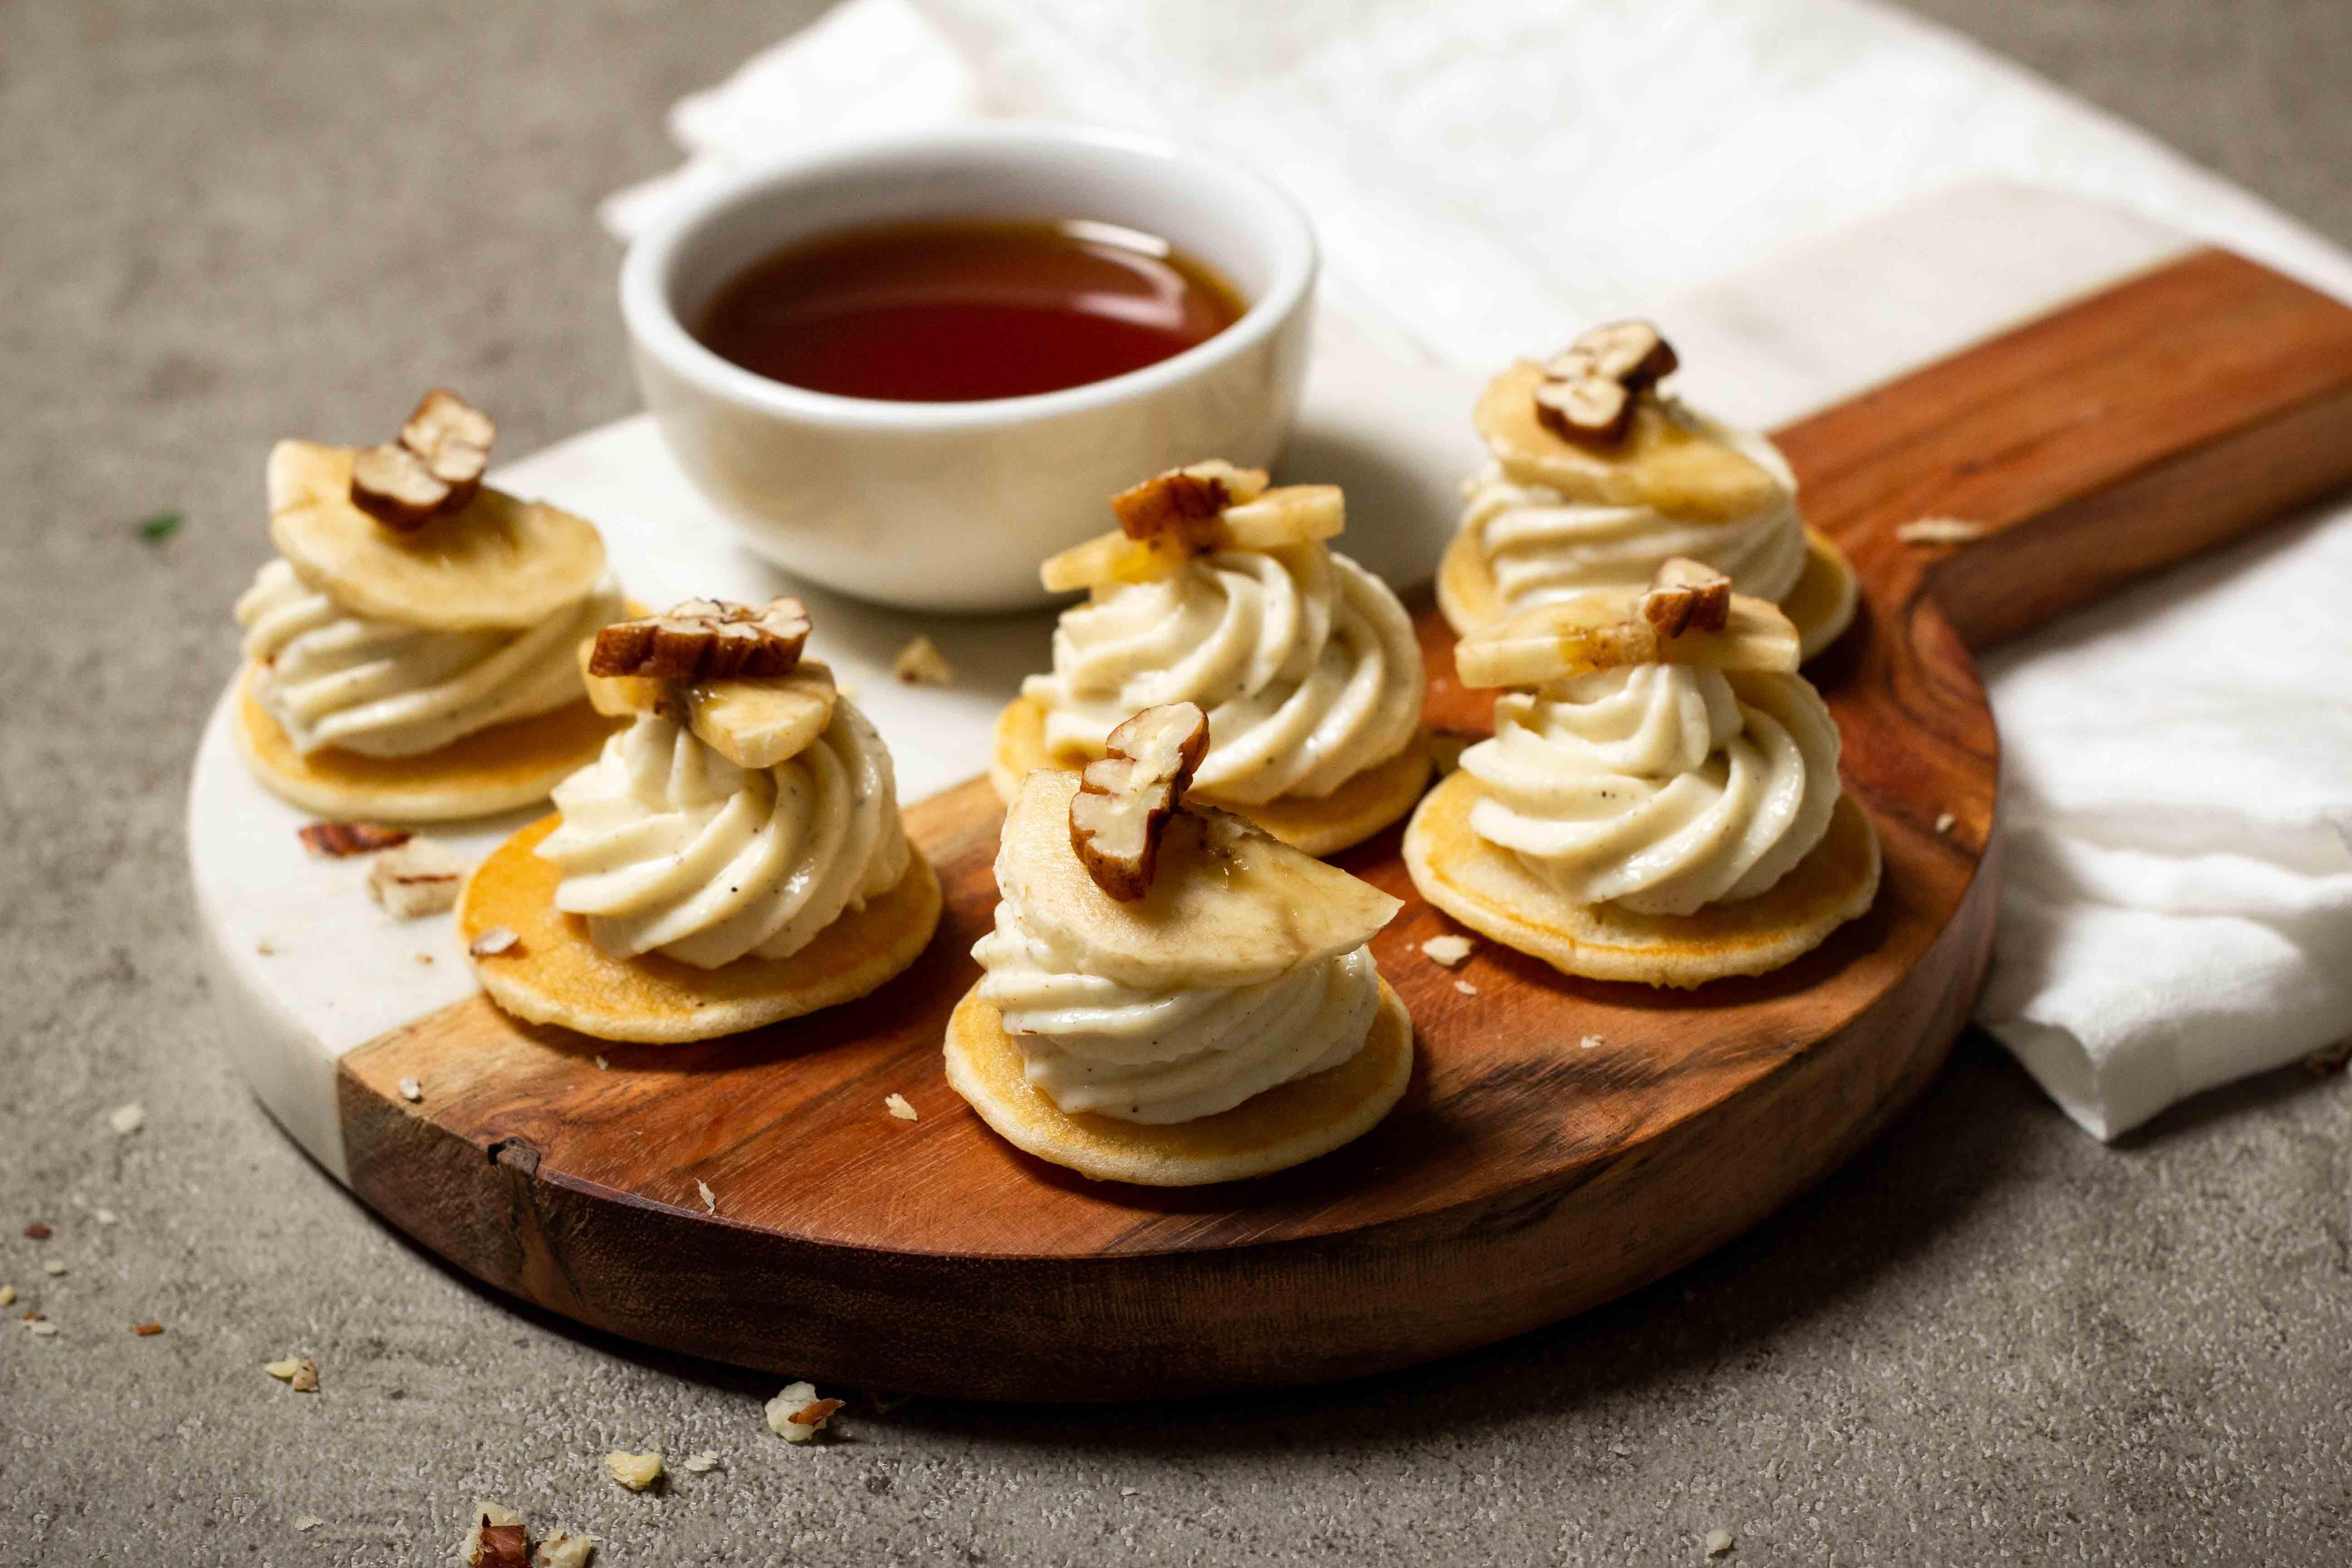 Petit_dej_4_pancakes.jpg